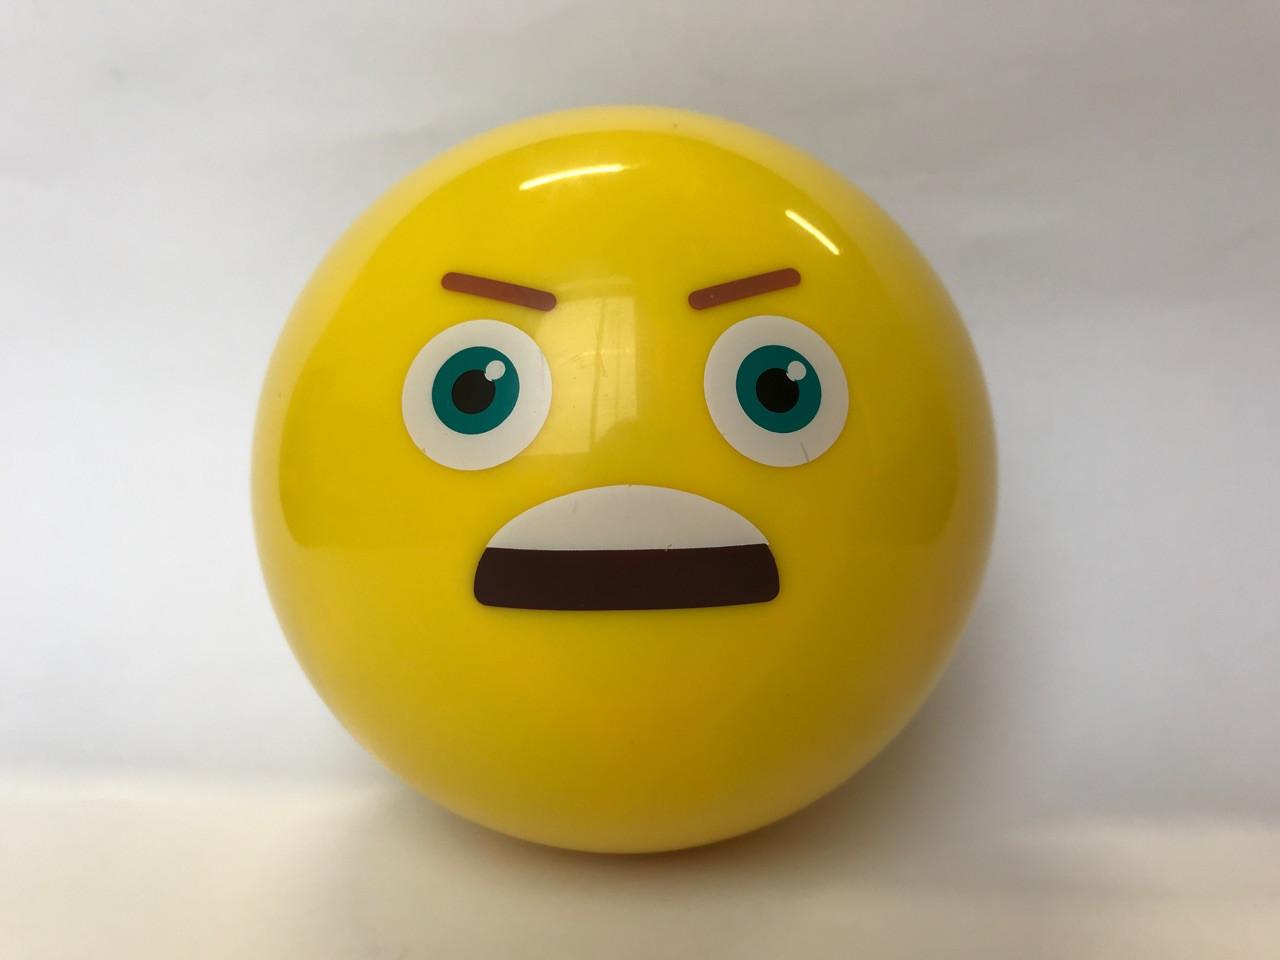 Магический Шар предсказатель принятия решений 10х10 см (шар восьмерка) желтый Смайлик